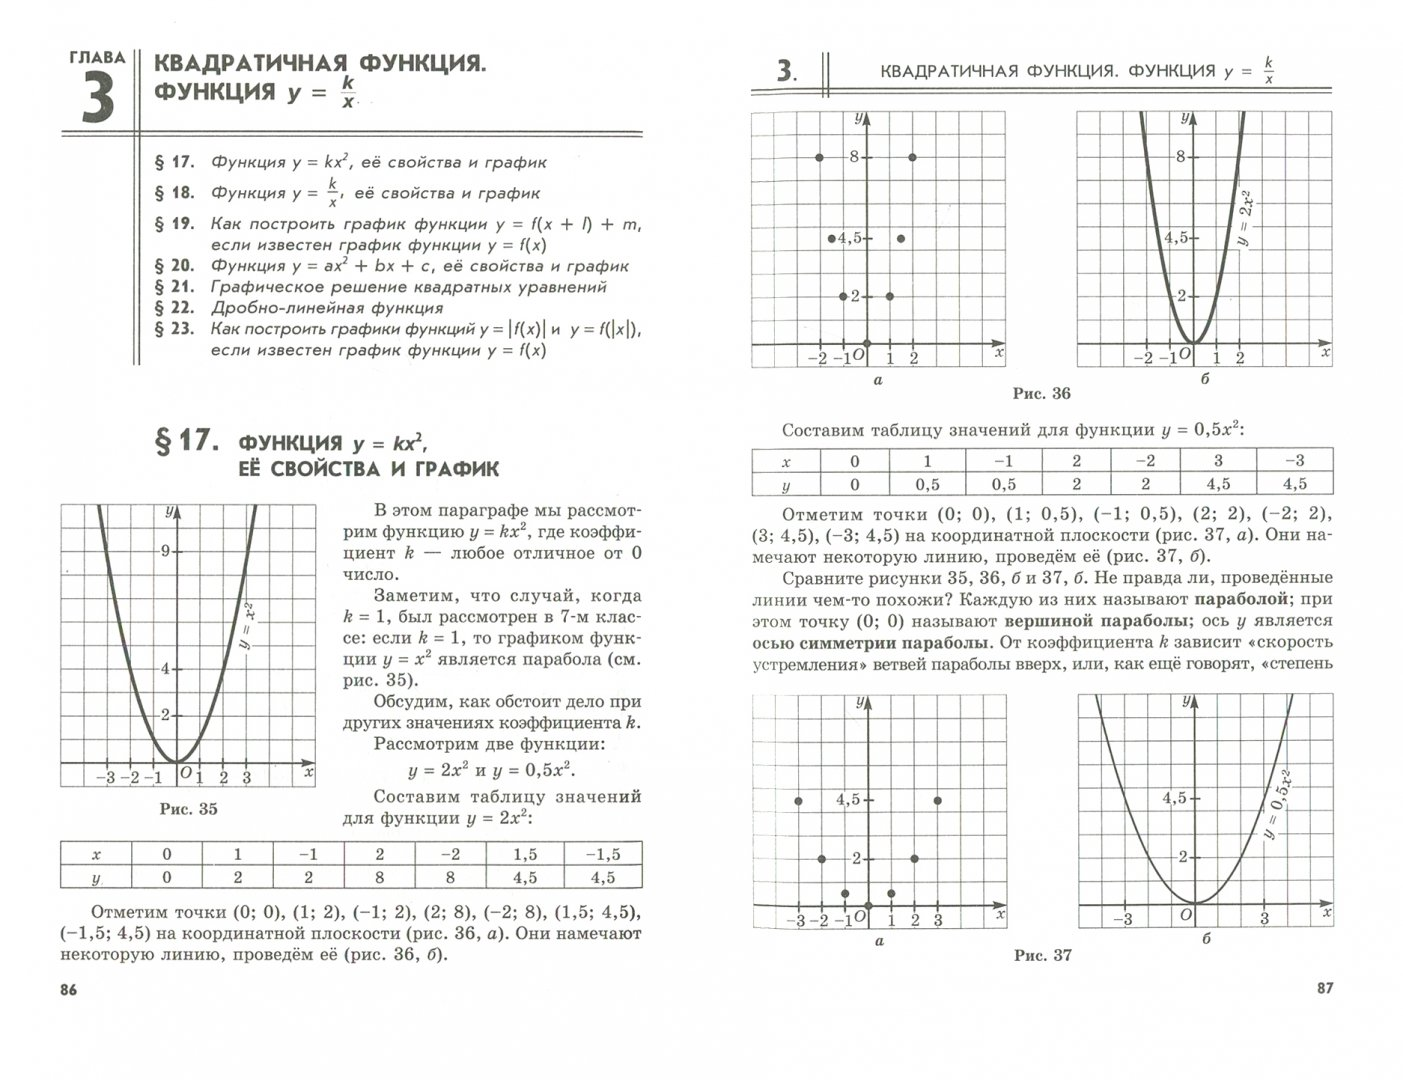 Иллюстрация 1 из 20 для Алгебра. 8 класс. Учебник. Углубленный уровень. В 2-х частях. ФГОС - Мордкович, Николаев | Лабиринт - книги. Источник: Лабиринт